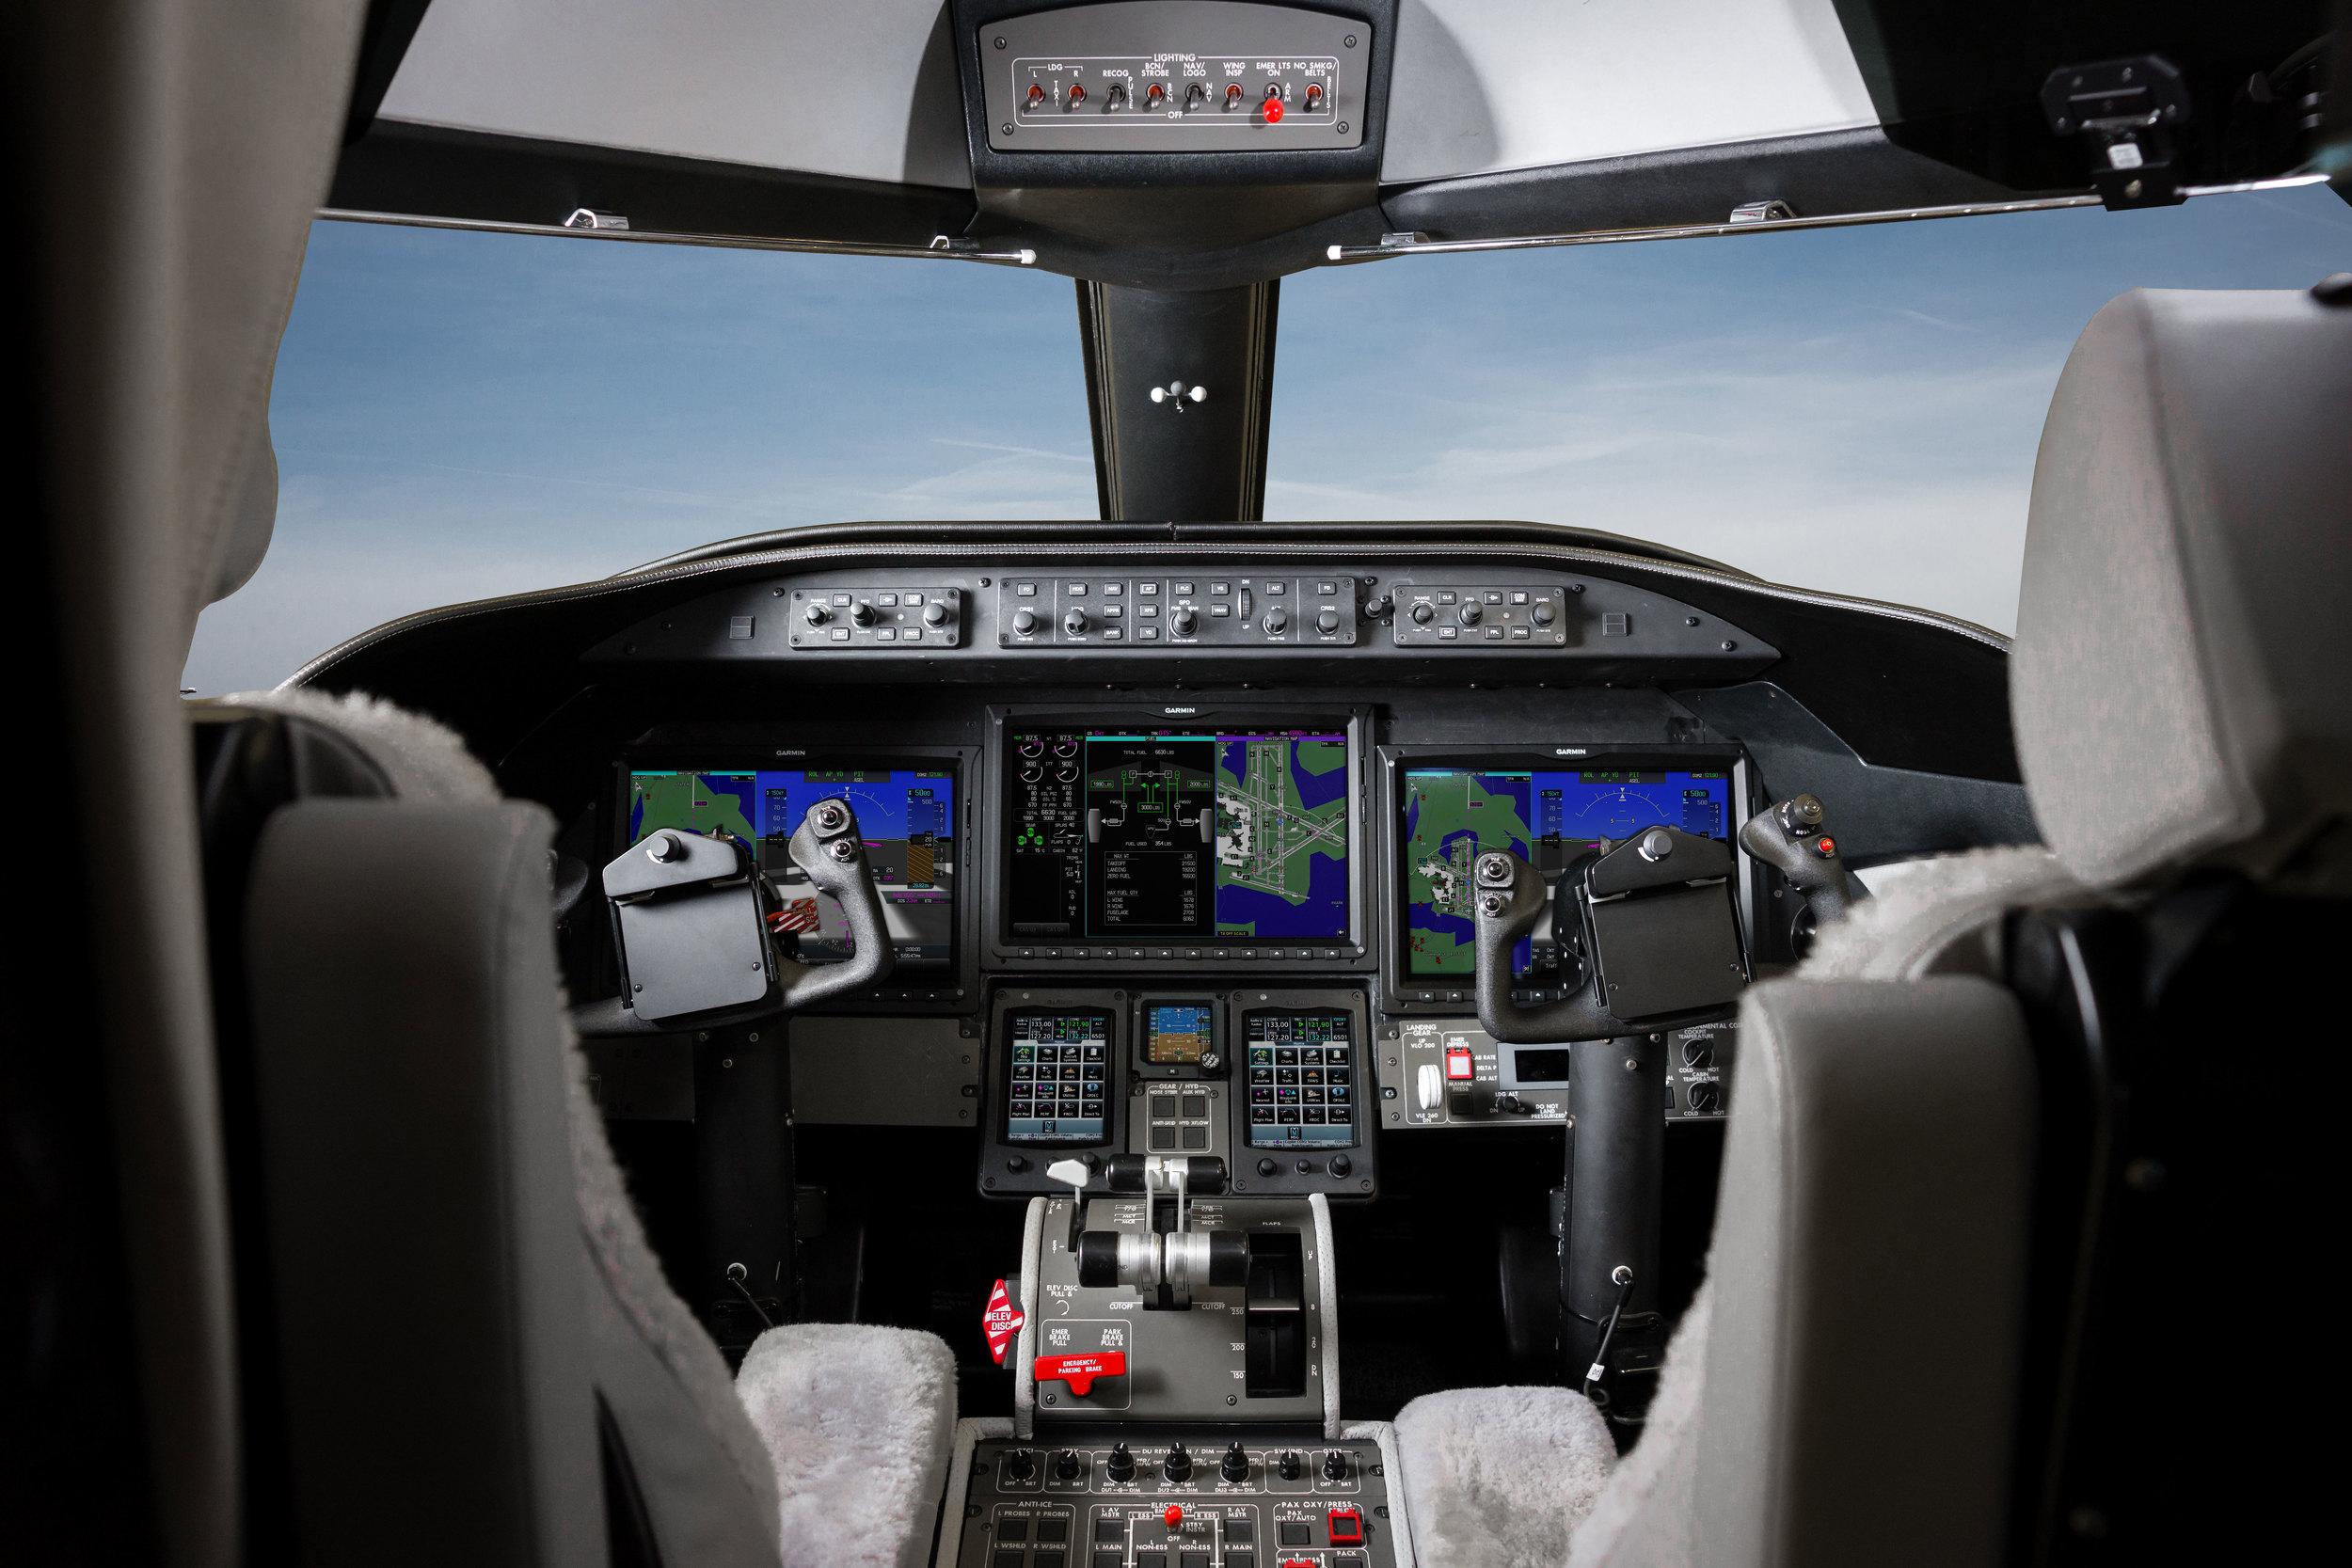 LJ-Cockpit1-Brett-Smith.jpg